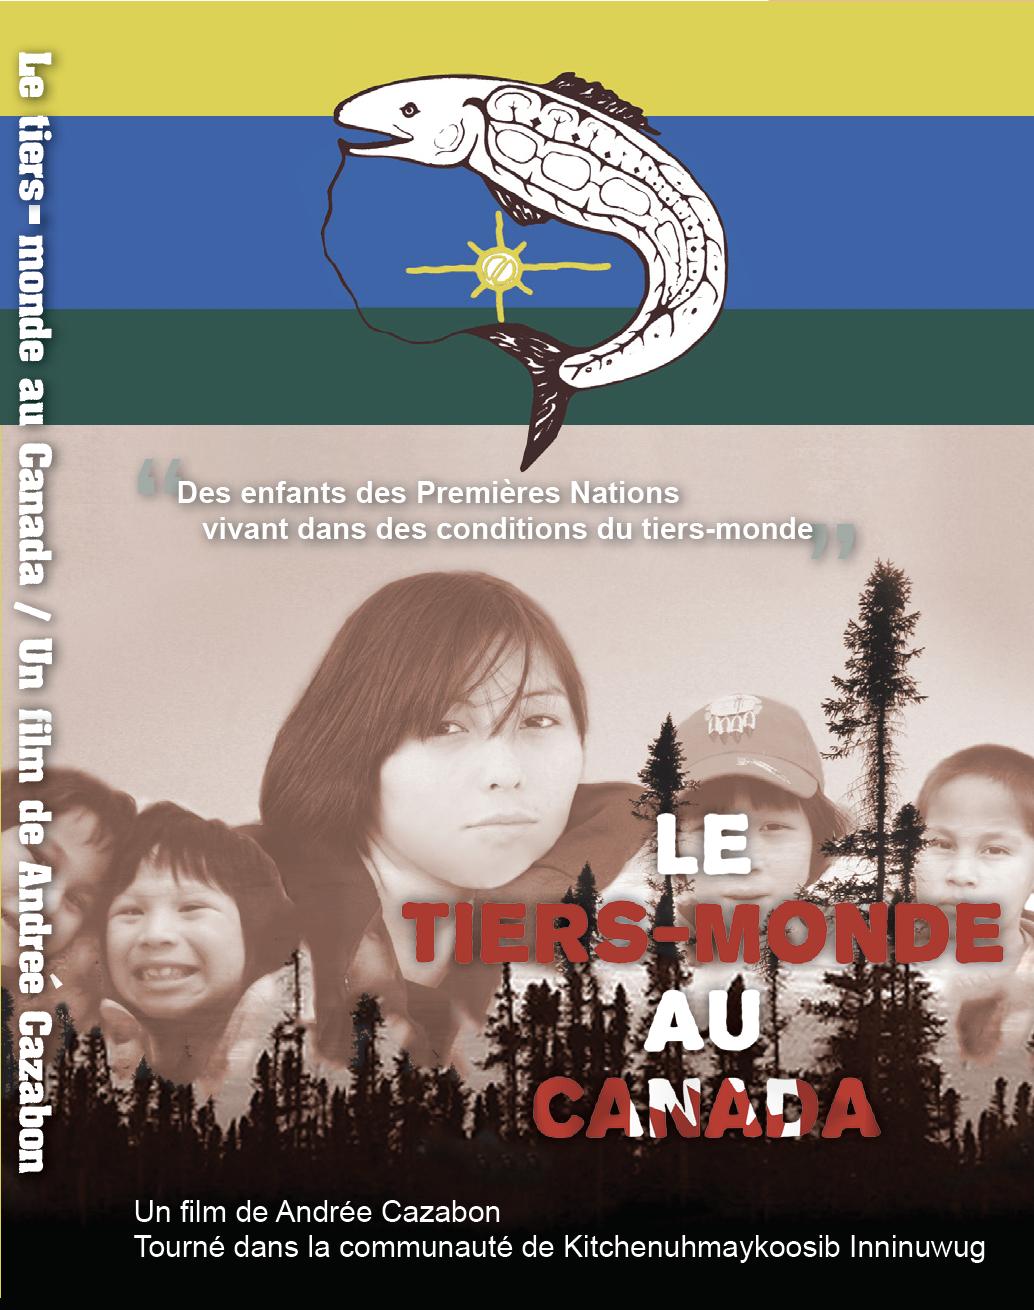 'Le Tiers-Monde au Canada' - Vous aurez accès au film, Le Tiers-monde au Canada avec le lien ci-dessous. Nous vous demandons de vous assurer d'avoir visionné le film avant de le présenter à vos élèves.Version sous-titrée en français du film: '3rd World Canada'Durée: 30 minuteshttps://vimeo.com/298206476/ce5e2b8a8fMot de passe: 3wc1234